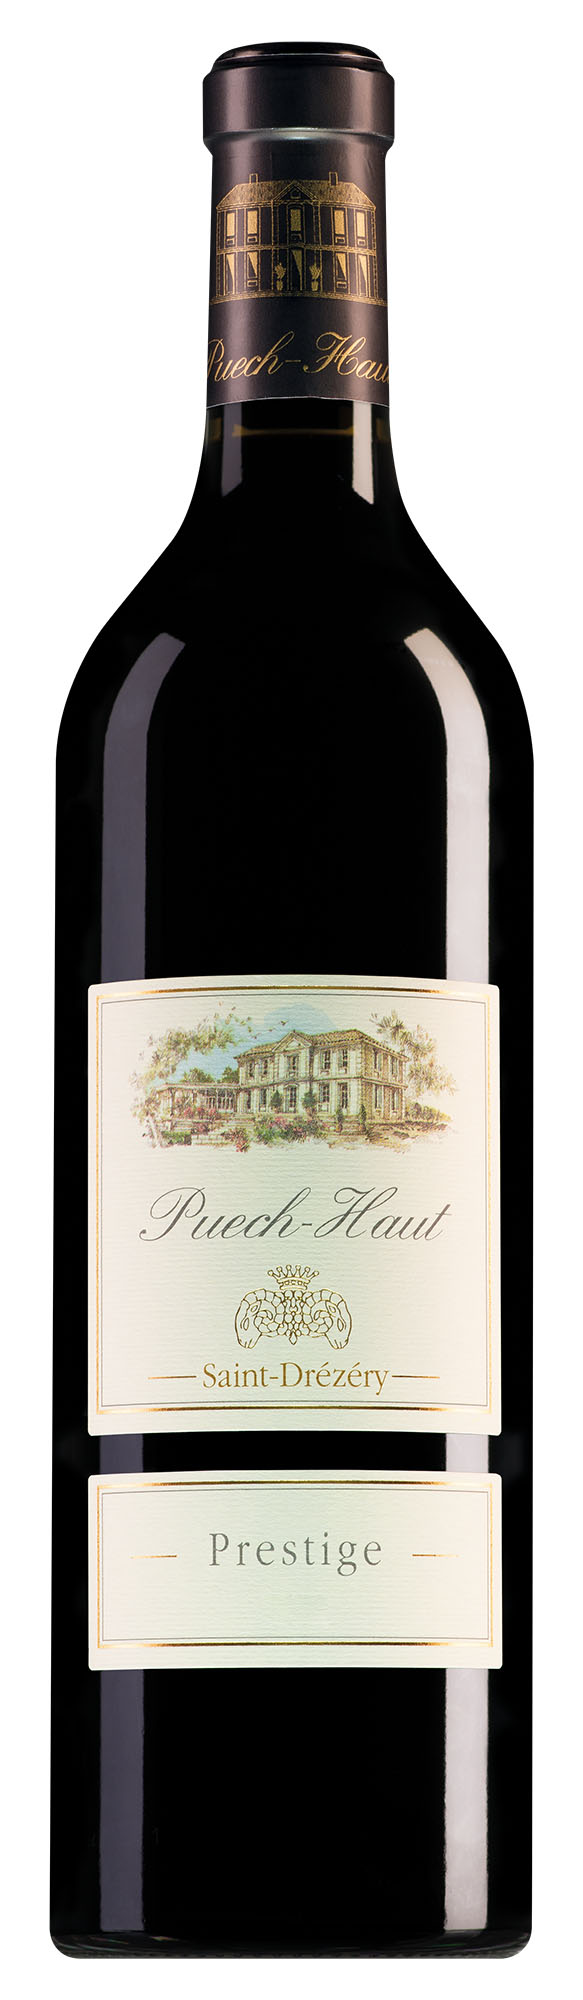 Château Puech-Haut Languedoc Prestige Rouge